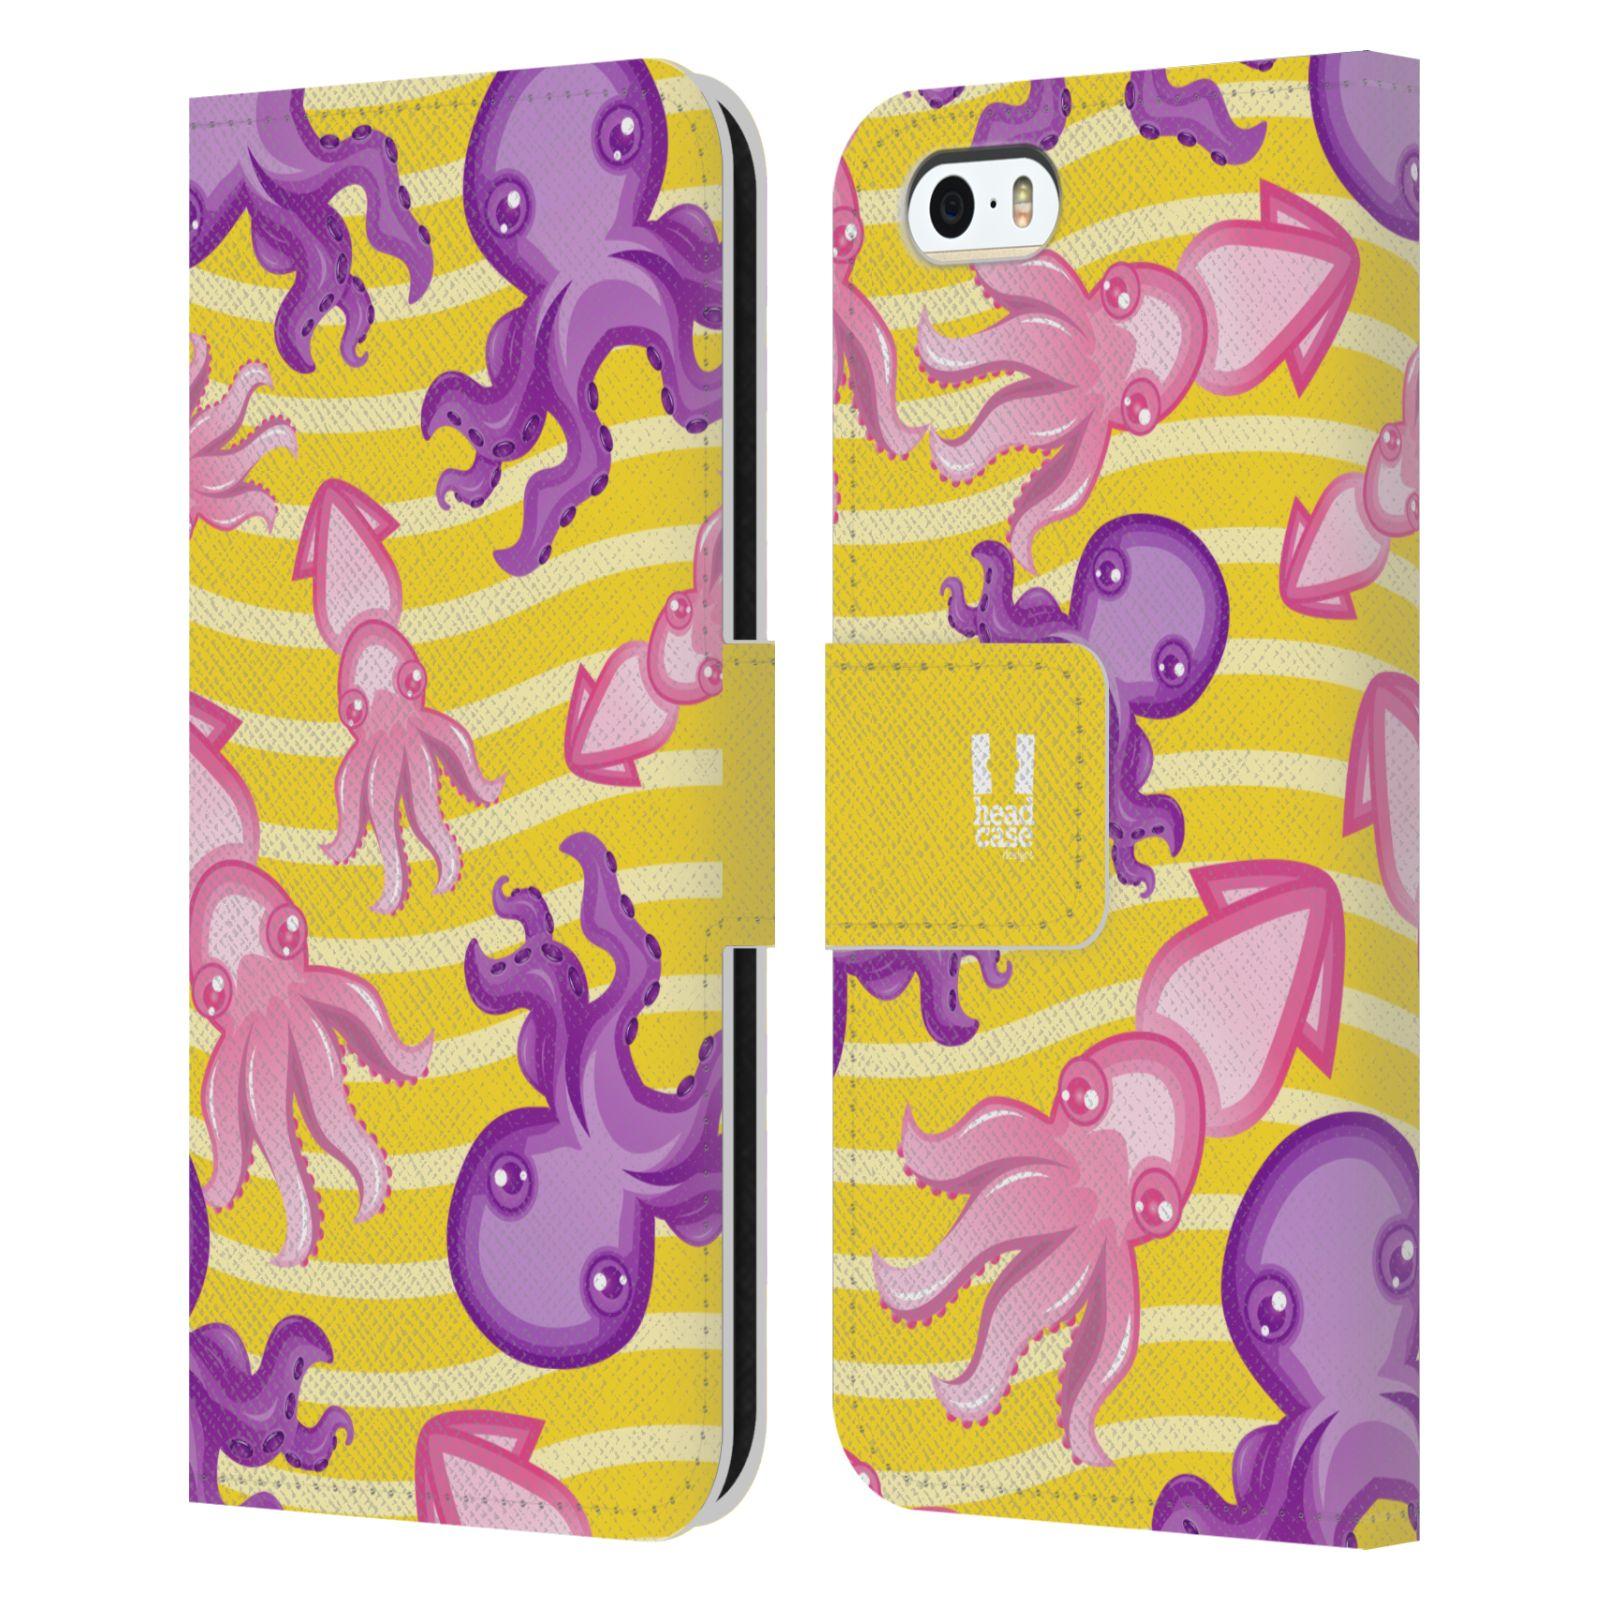 HEAD CASE Flipové pouzdro pro mobil Apple Iphone 5/5s Mořský živočich chobotnice a krakatice žlutá barva